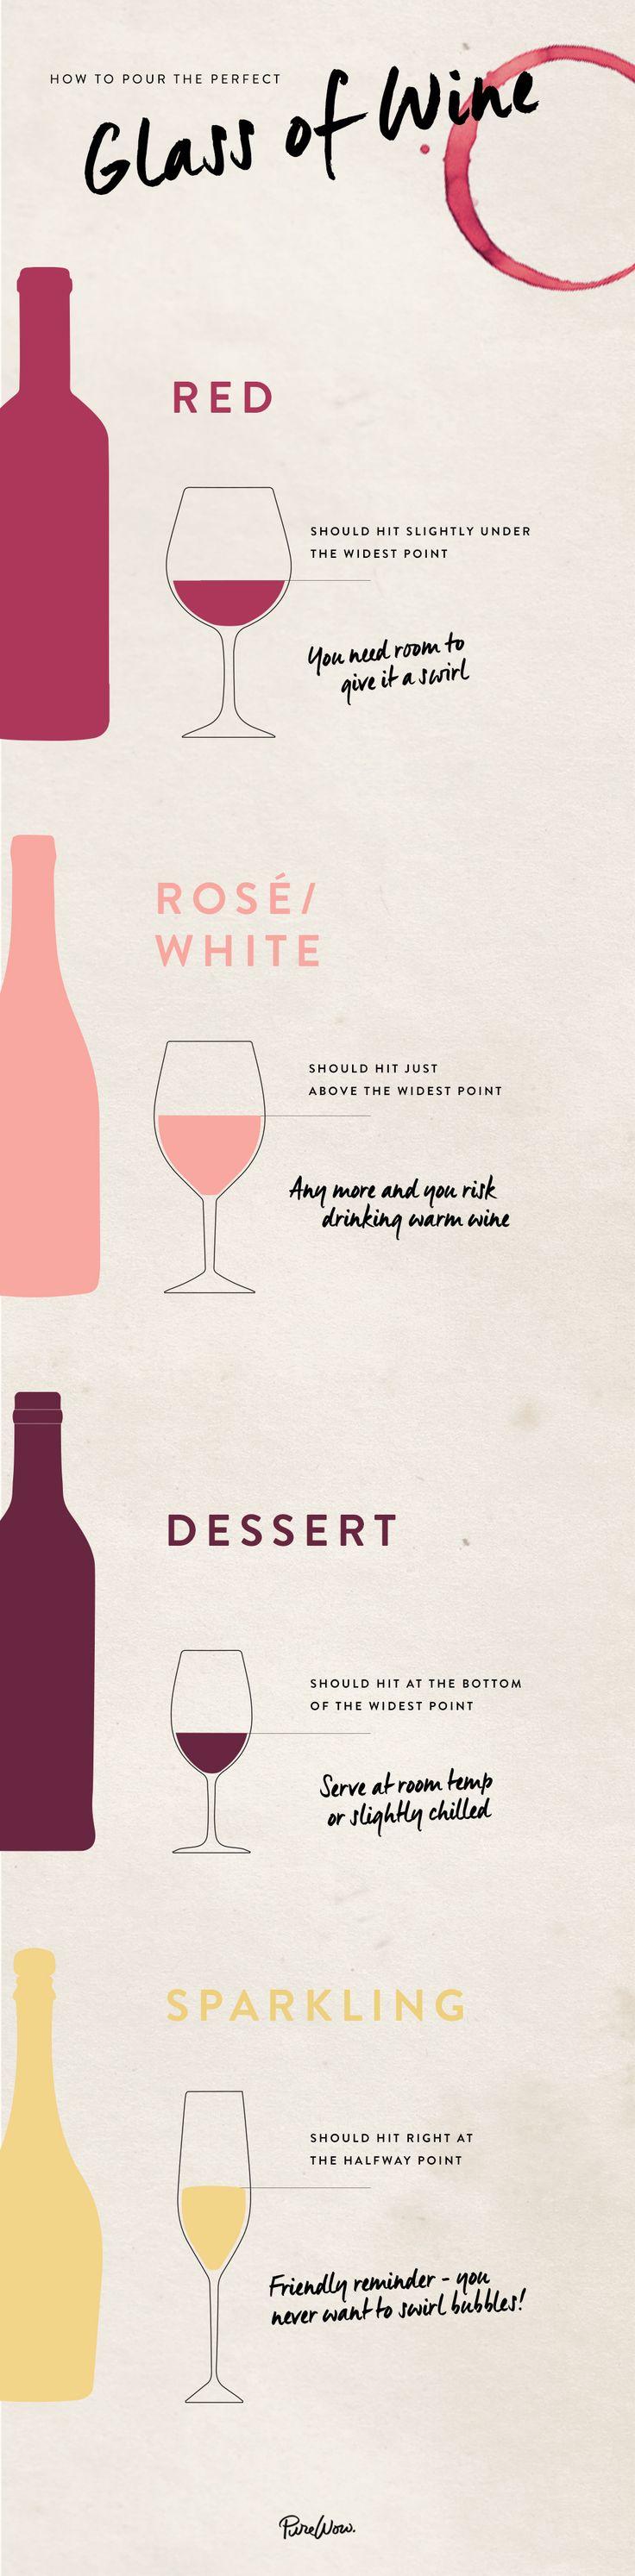 Zoveel wijn hoort er in je glas - Gazet van Antwerpen: http://www.gva.be/cnt/dmf20151115_01971311/zoveel-wijn-hoort-er-in-je-glas